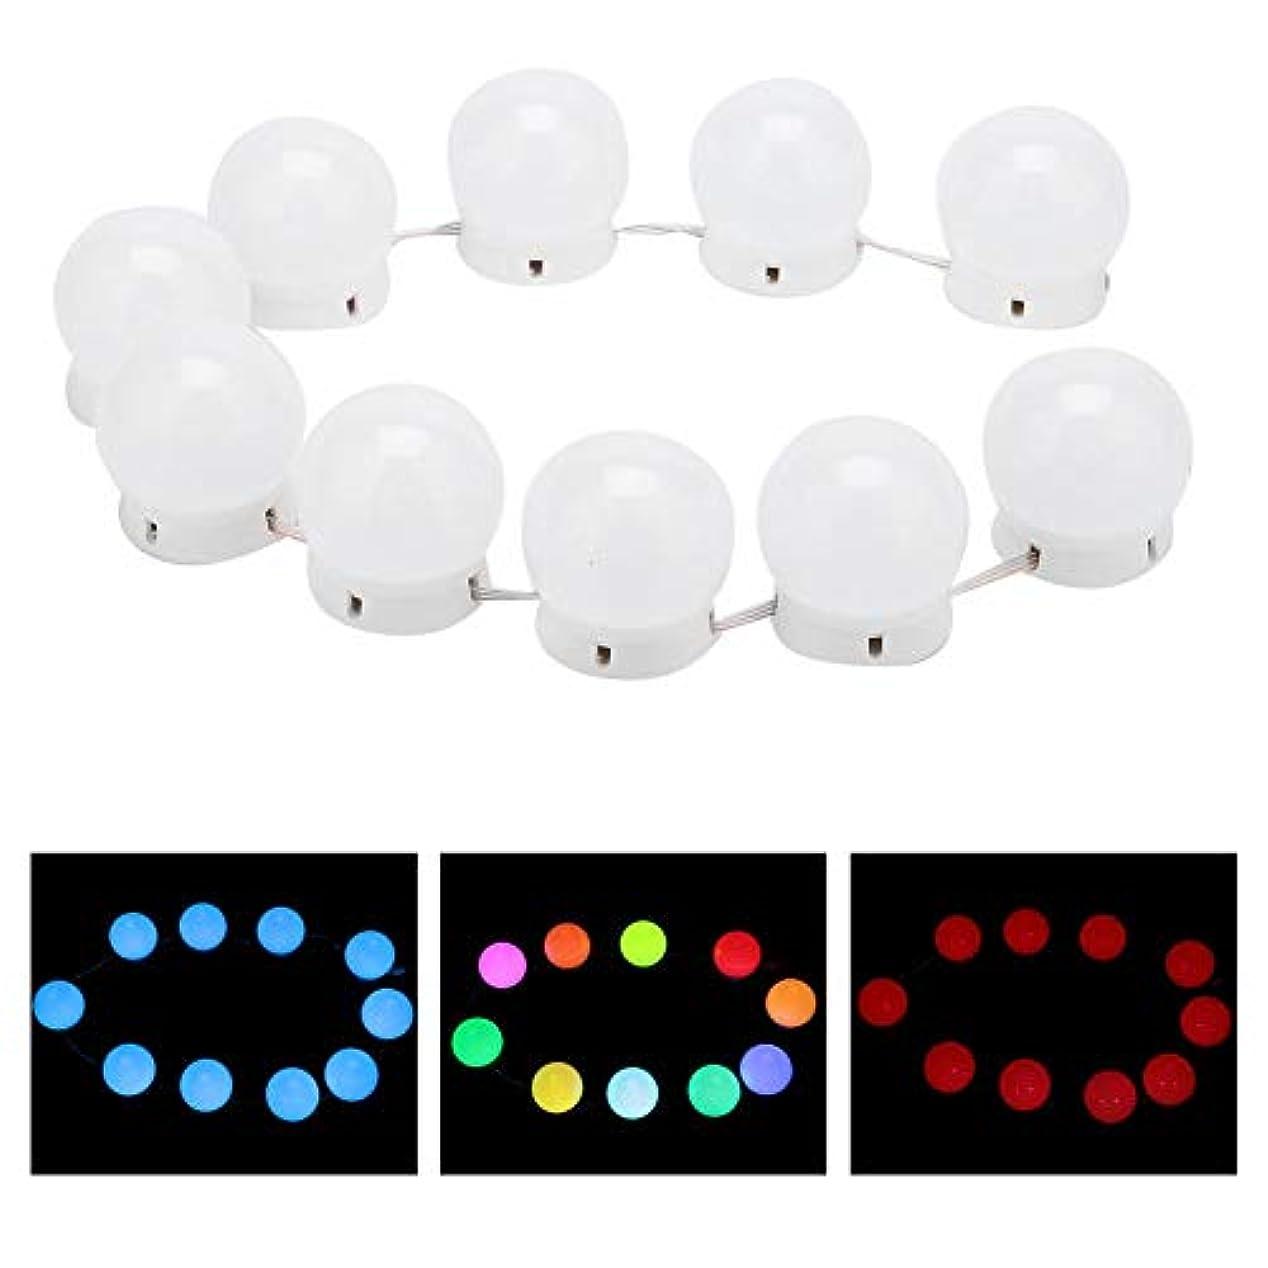 化粧鏡ラ??イトキット 10 LED付き調 光ライトストリング電球バニティライト化粧鏡に最適 バスルームの照明